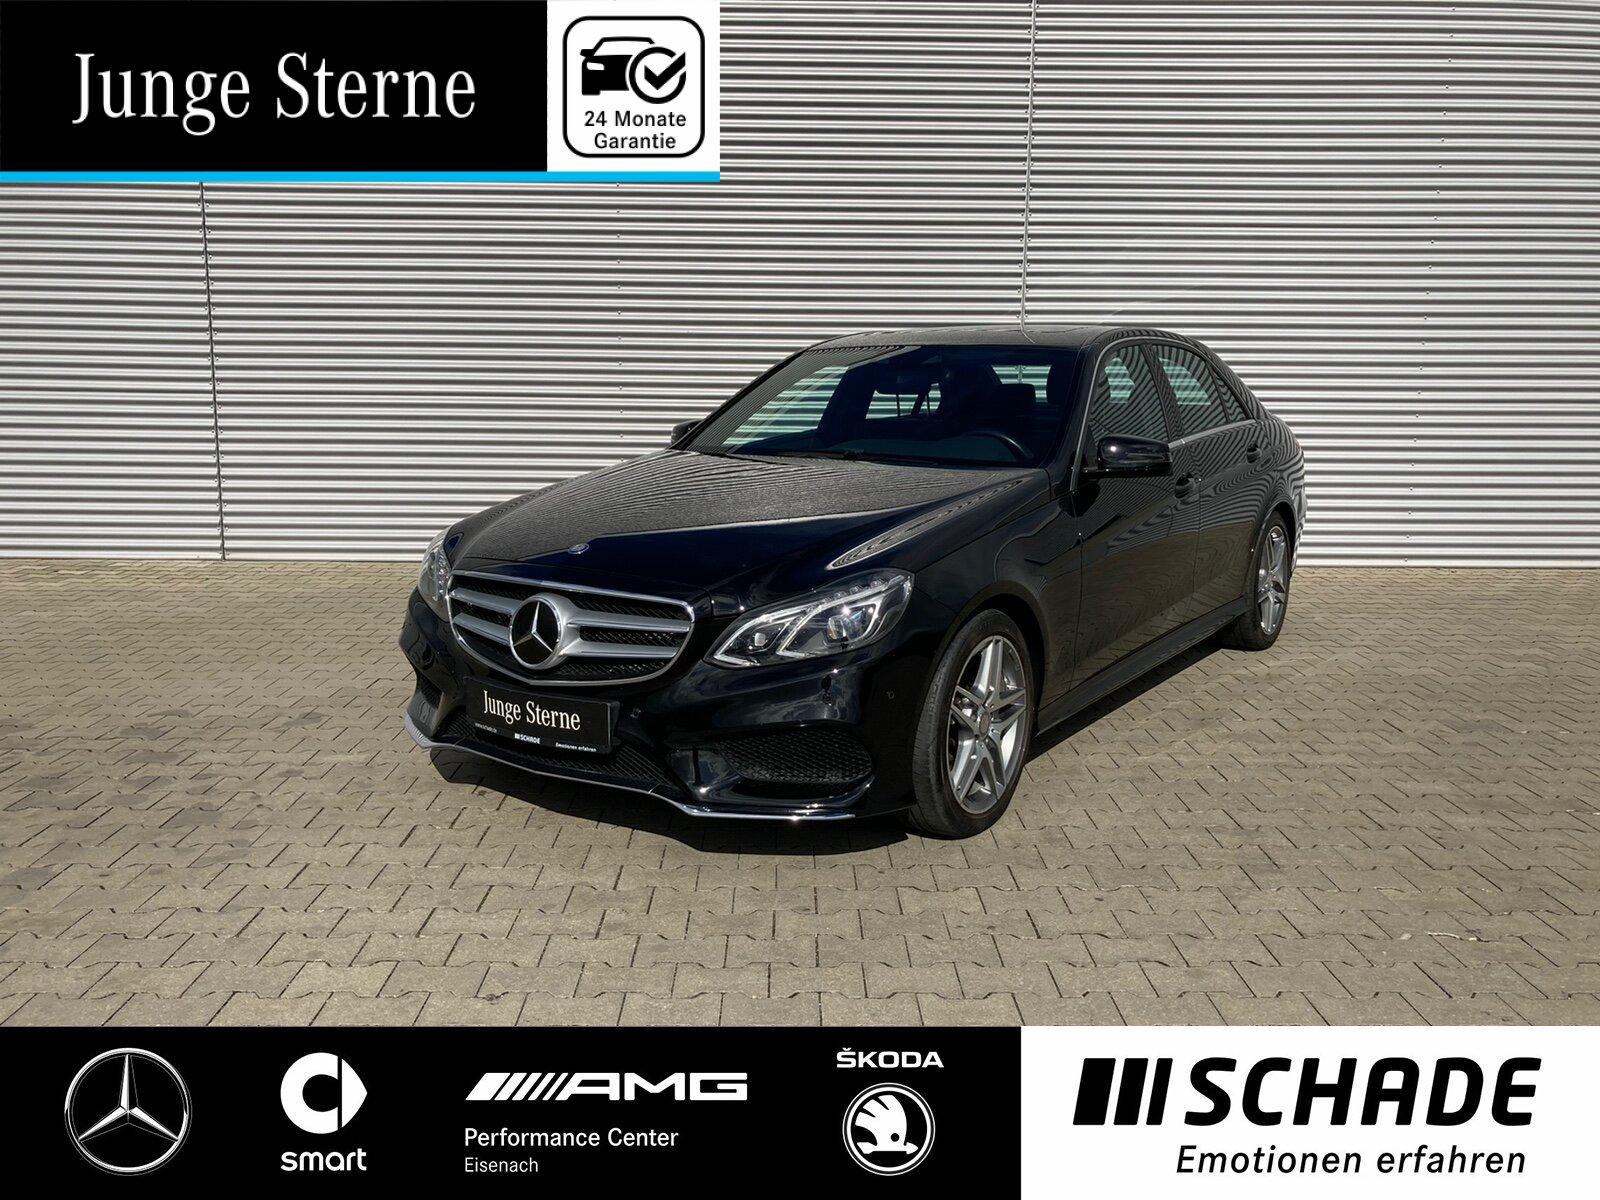 Mercedes-Benz E 400 4M AMG Line *Airmatic*Standheizung*Kamera*, Jahr 2015, Benzin